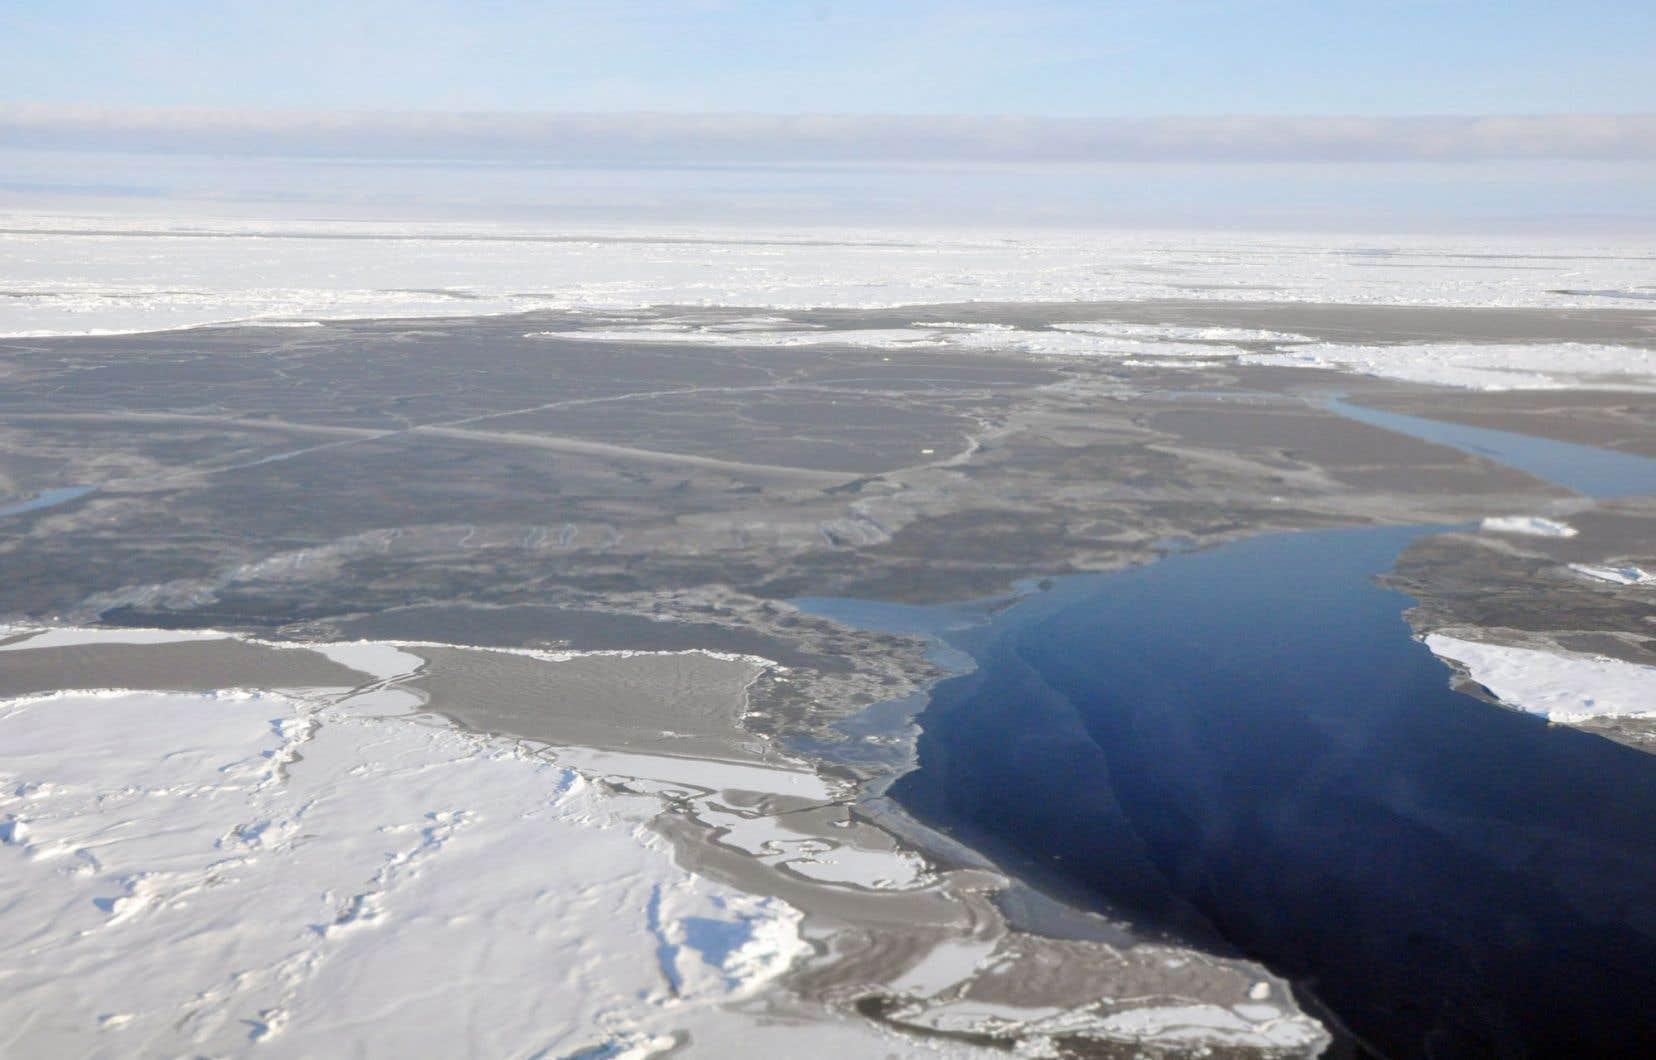 Le mois dernier, la glace marine de l'Arctique couvrait 630000 kilomètres carrés de moins que la moyenne des 30 dernières années.